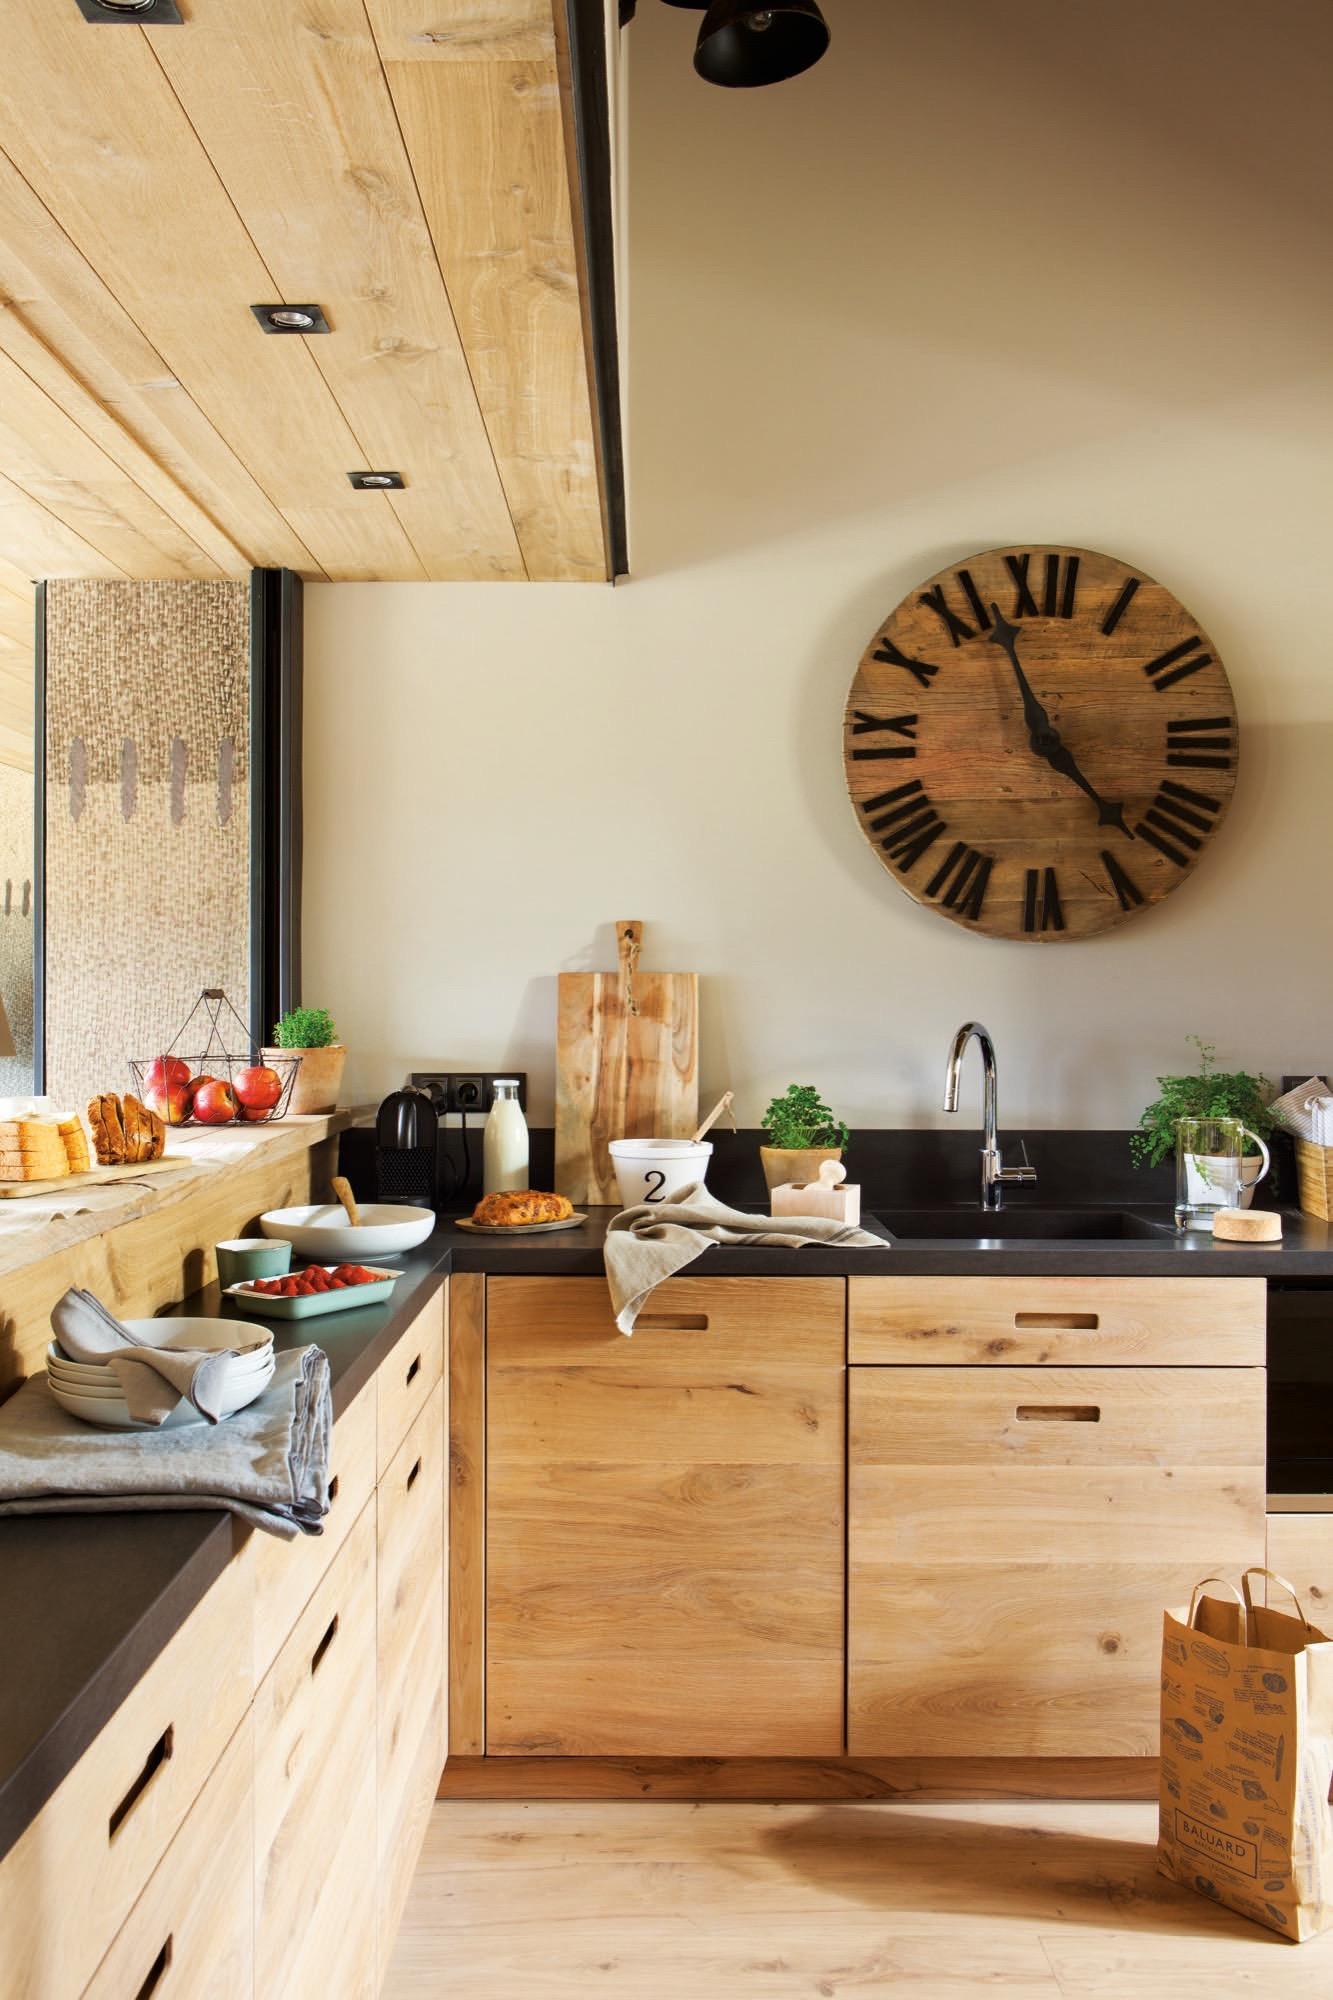 Una casa de monta a c lida acogedora y muy abrigada en la for Modelos de bar en madera rustica